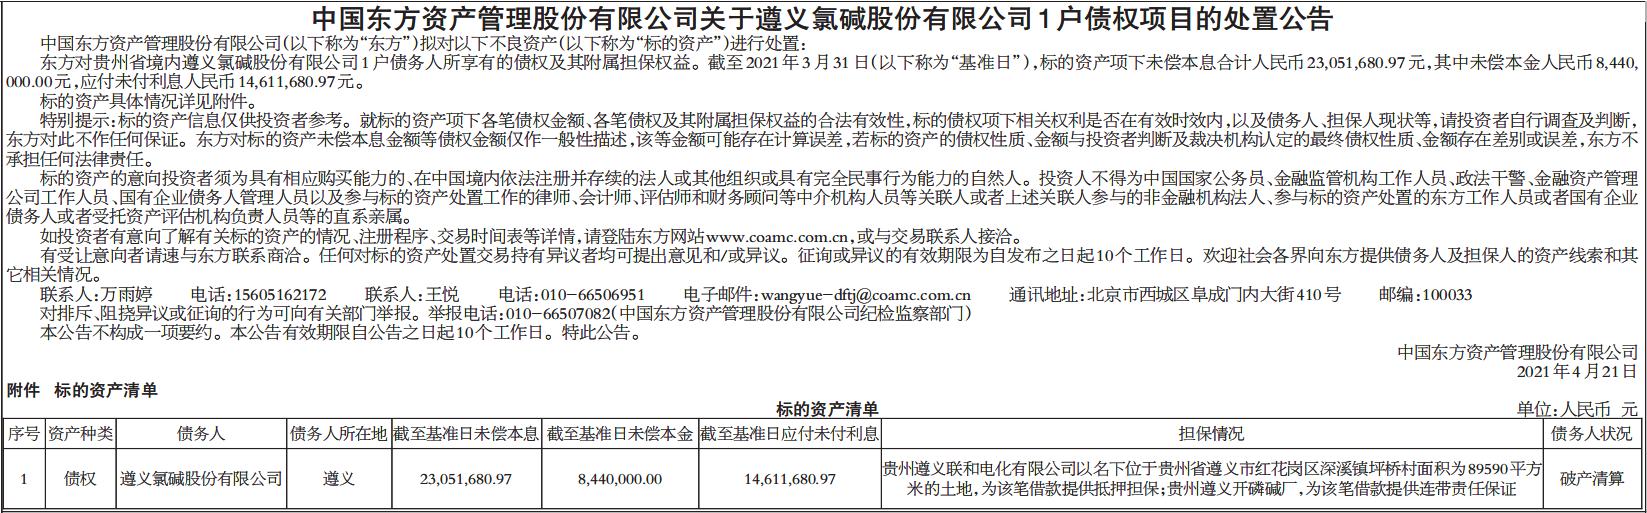 债权项目的处置公告